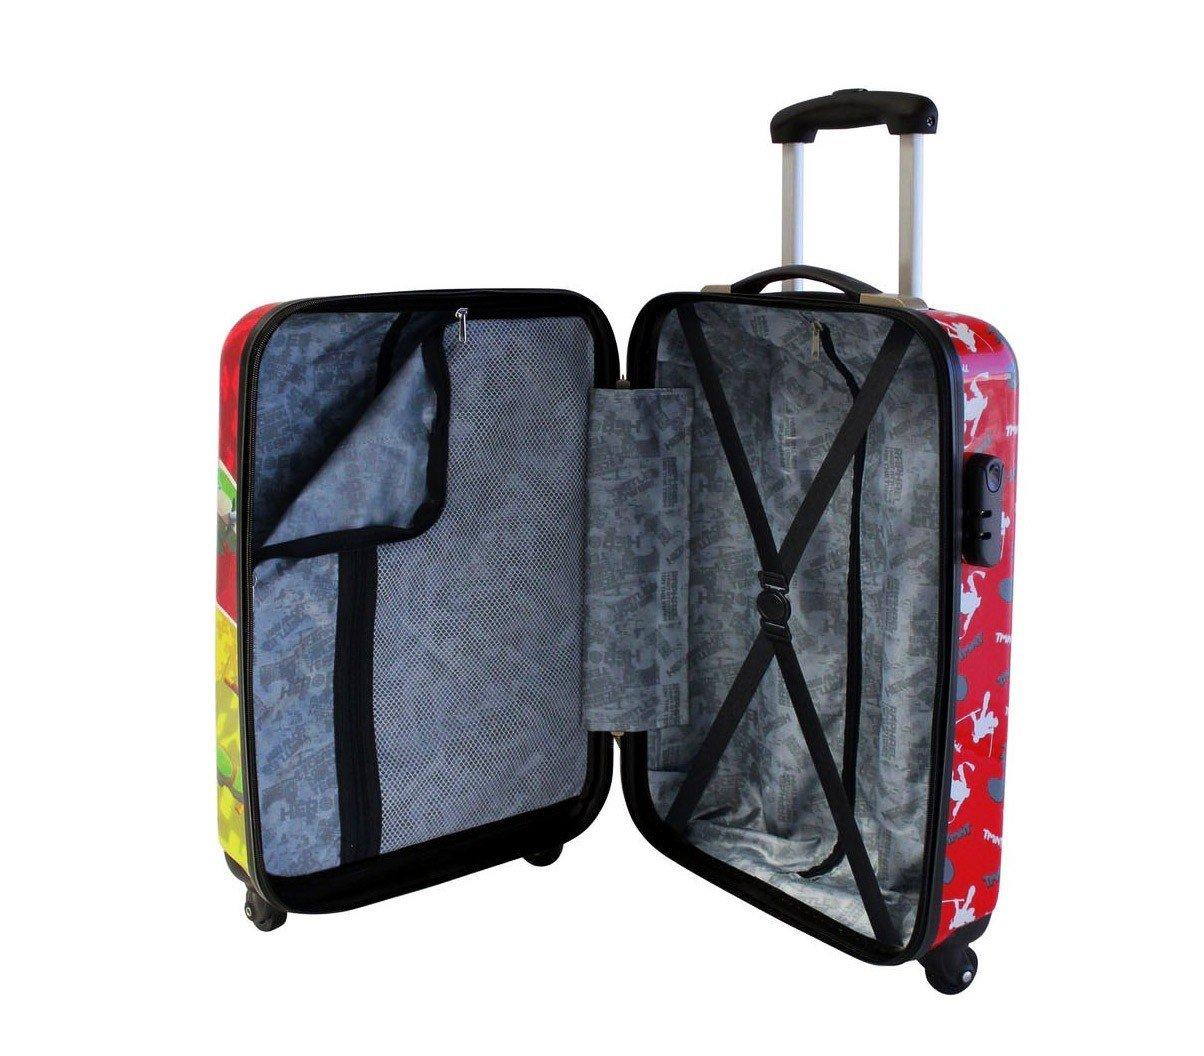 2291751 Maleta trolley rigida equipaje de mano en ABS ...